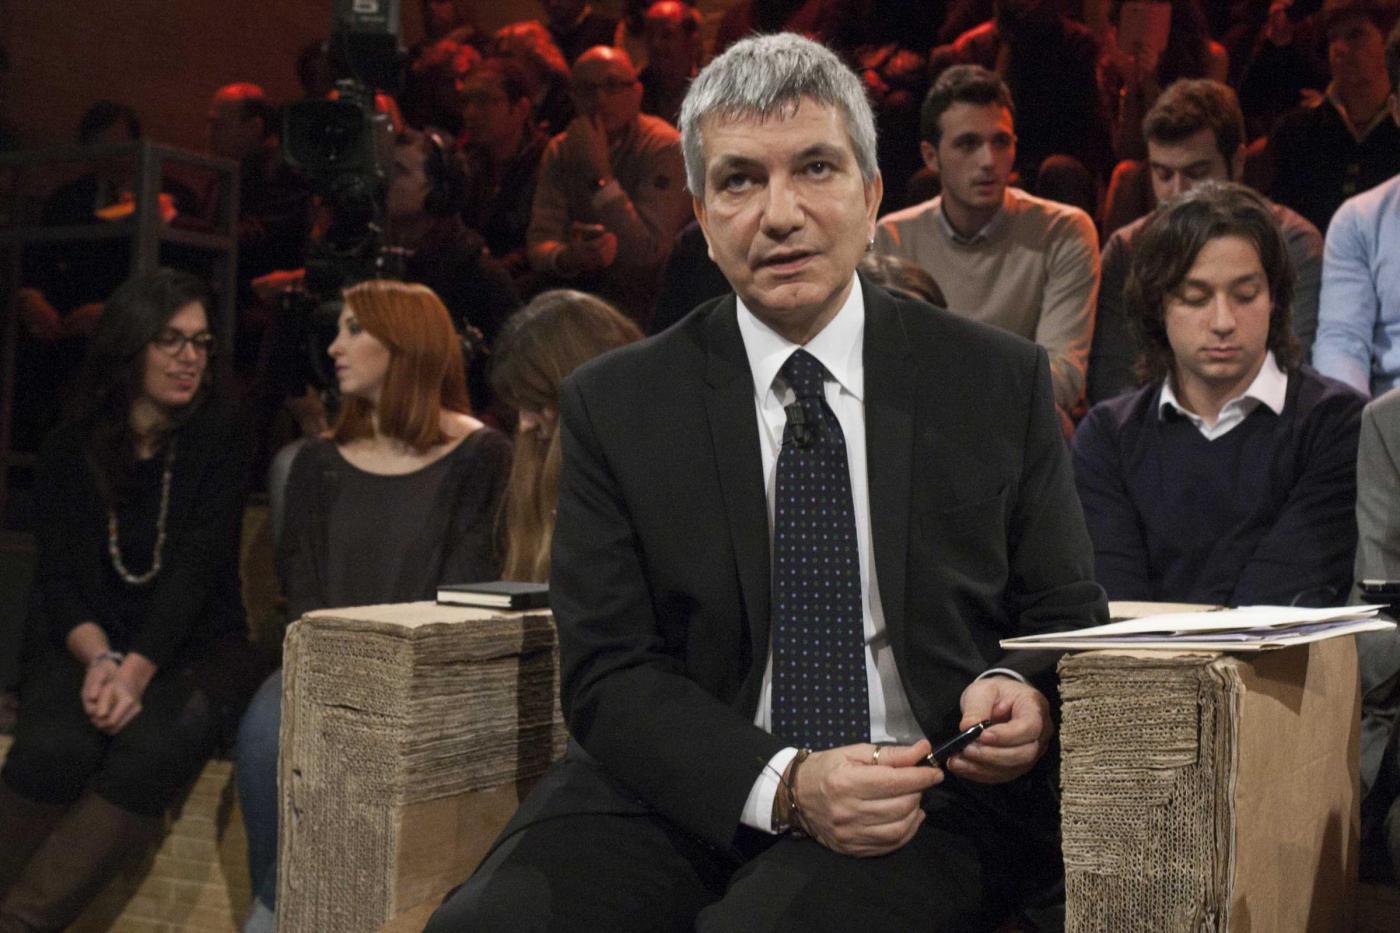 Ballarò, anticipazioni puntata 23 aprile 2013: ospiti Nichi Vendola e Paolo Romani